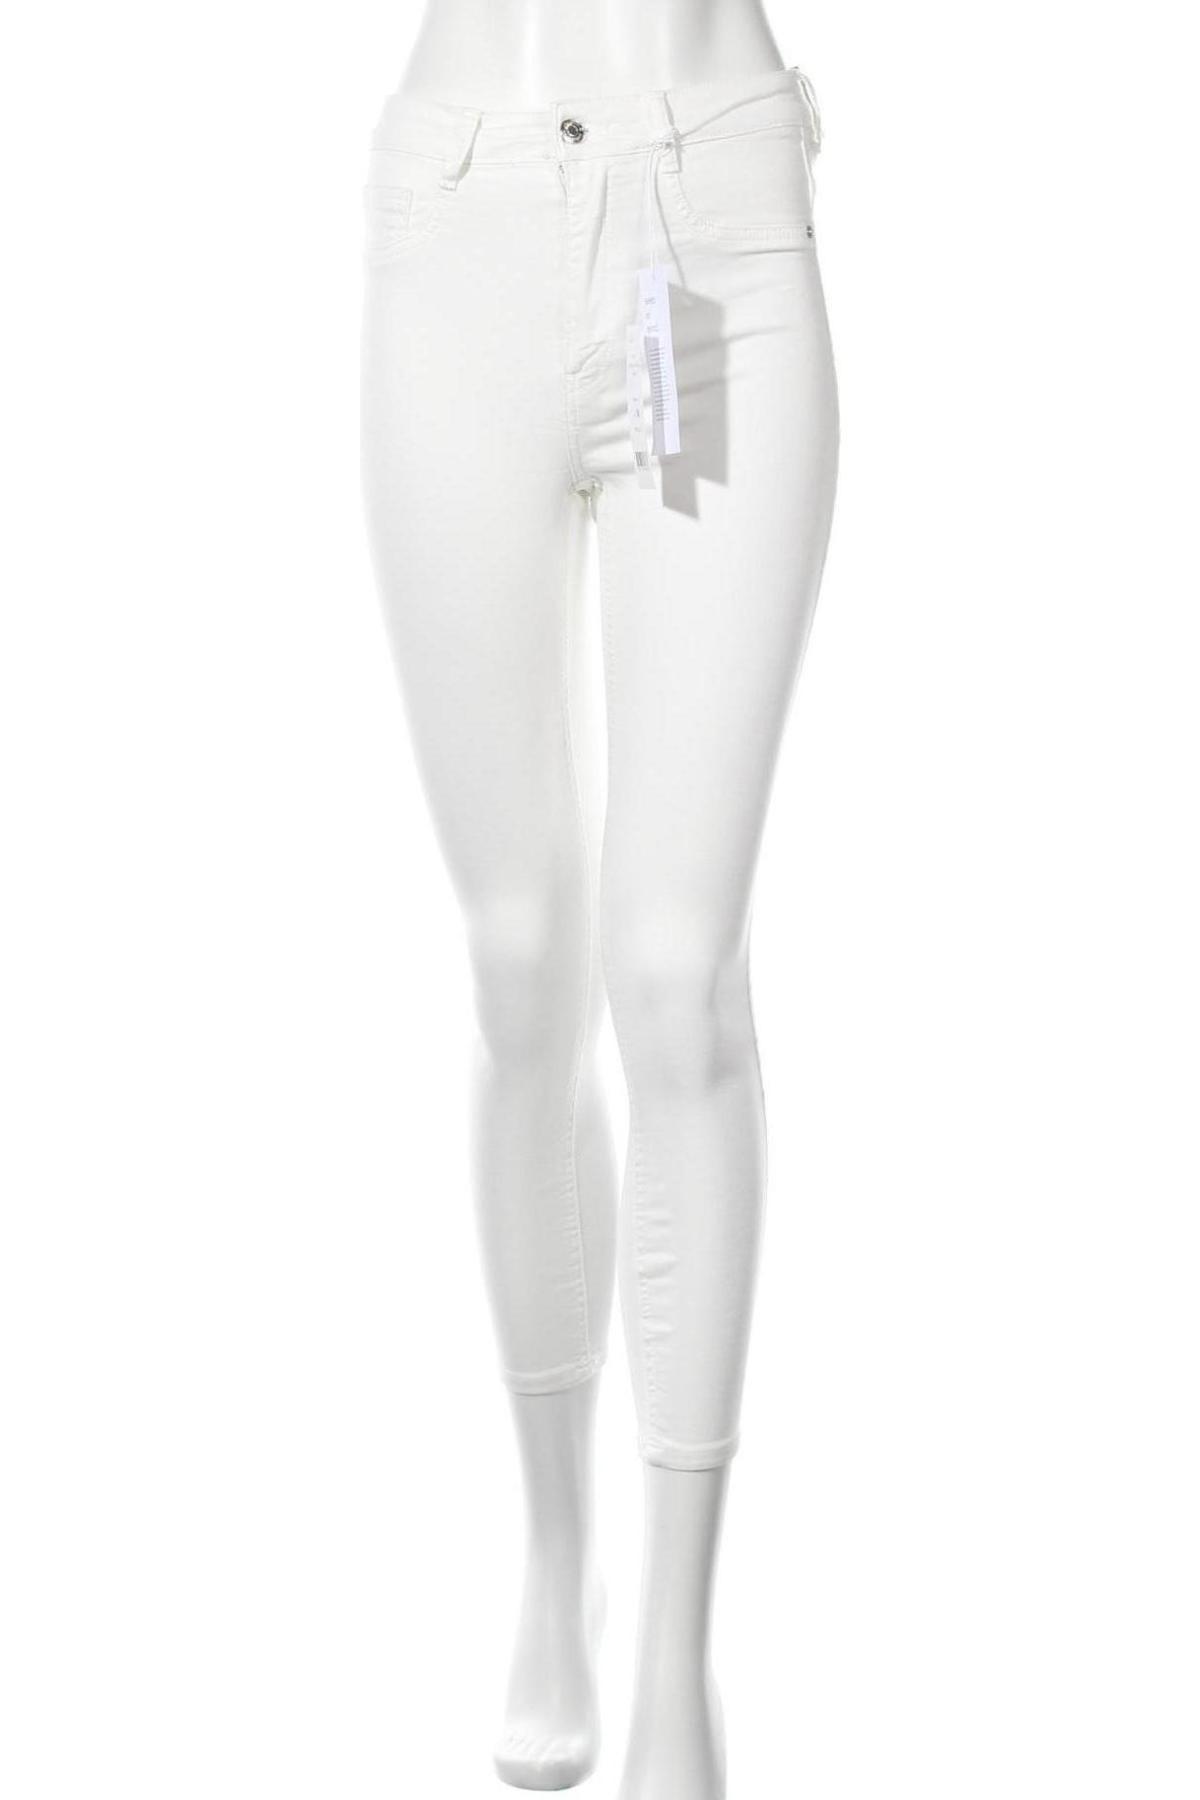 Дамски дънки Perfect Jeans By Gina Tricot, Размер M, Цвят Бял, 98% памук, 2% еластан, Цена 18,75лв.